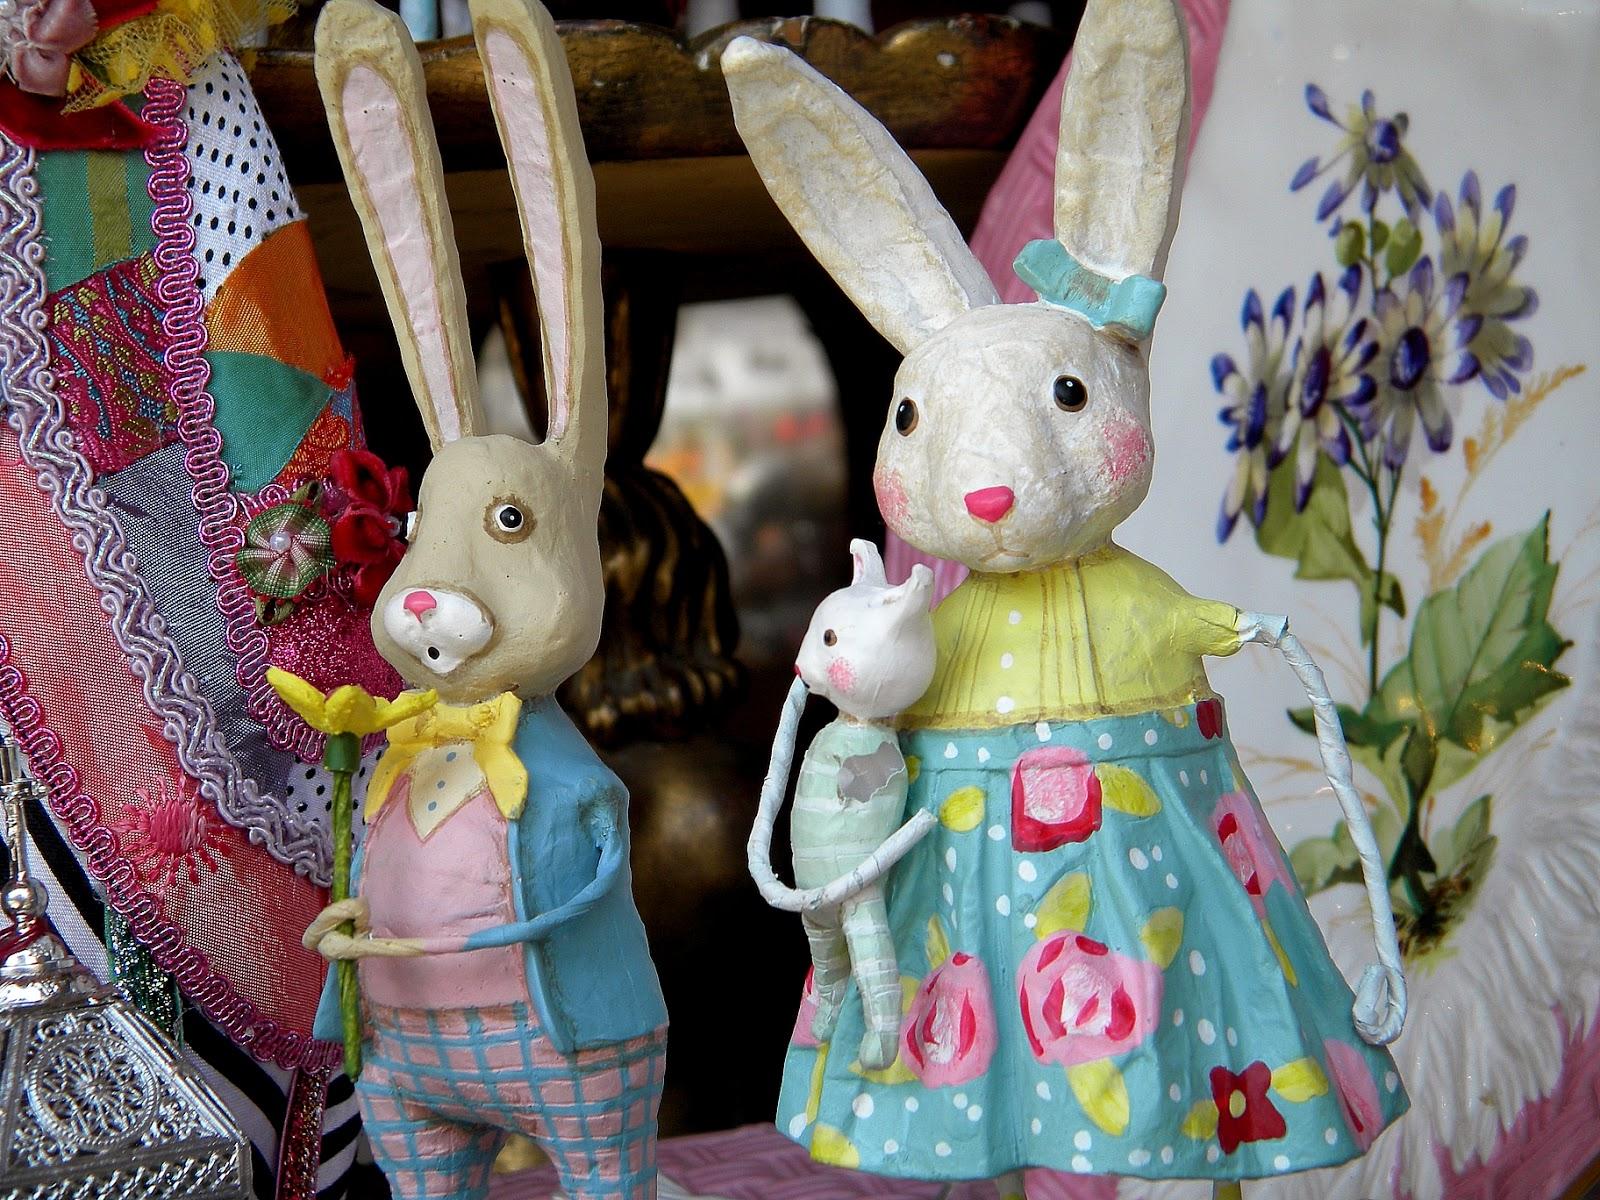 Vintage easter bunny decorations clip art public domain